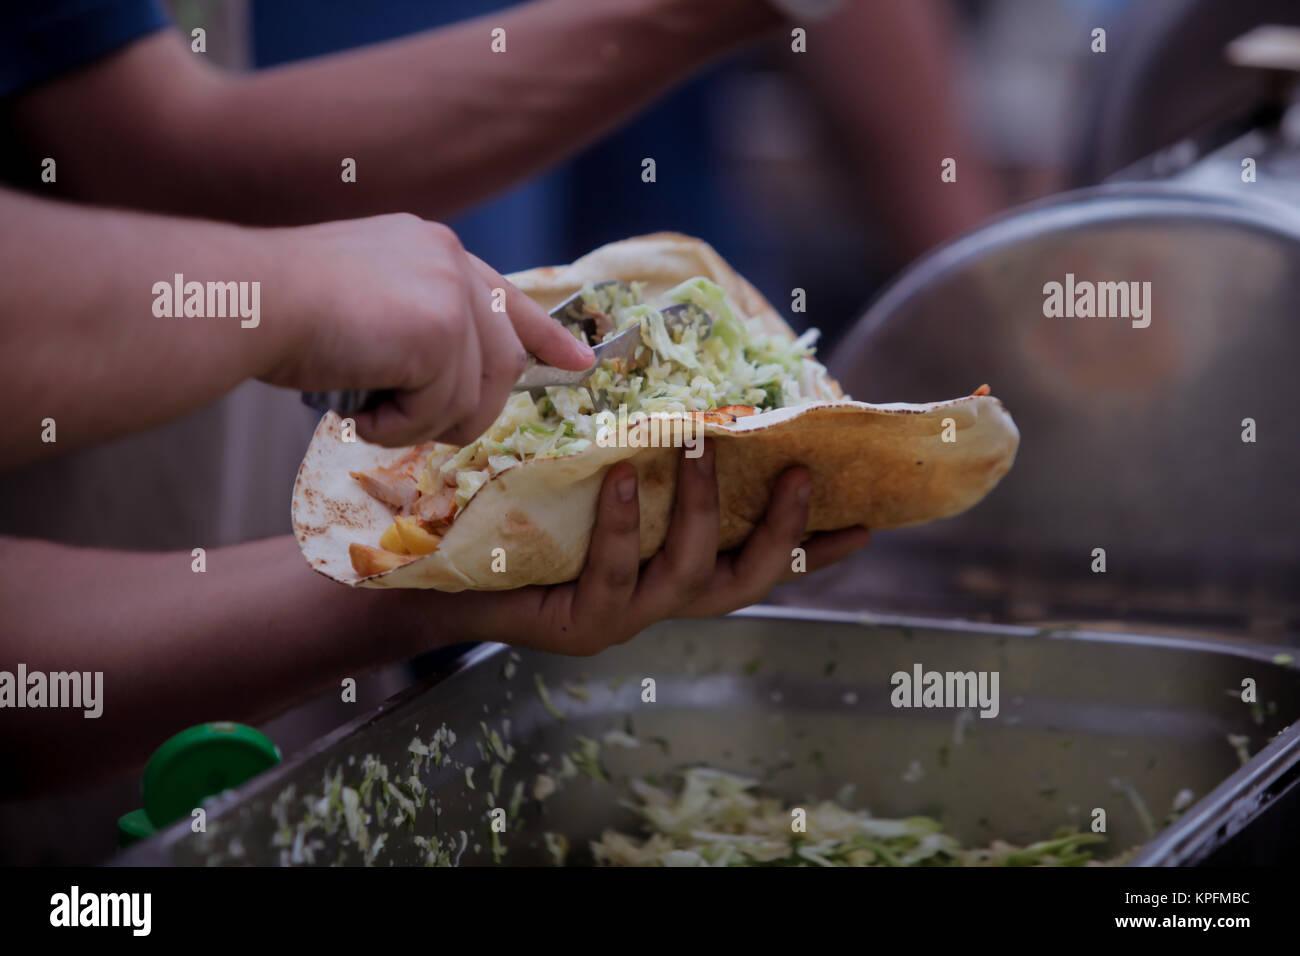 Man cutting and preparing doner kebab - Stock Image